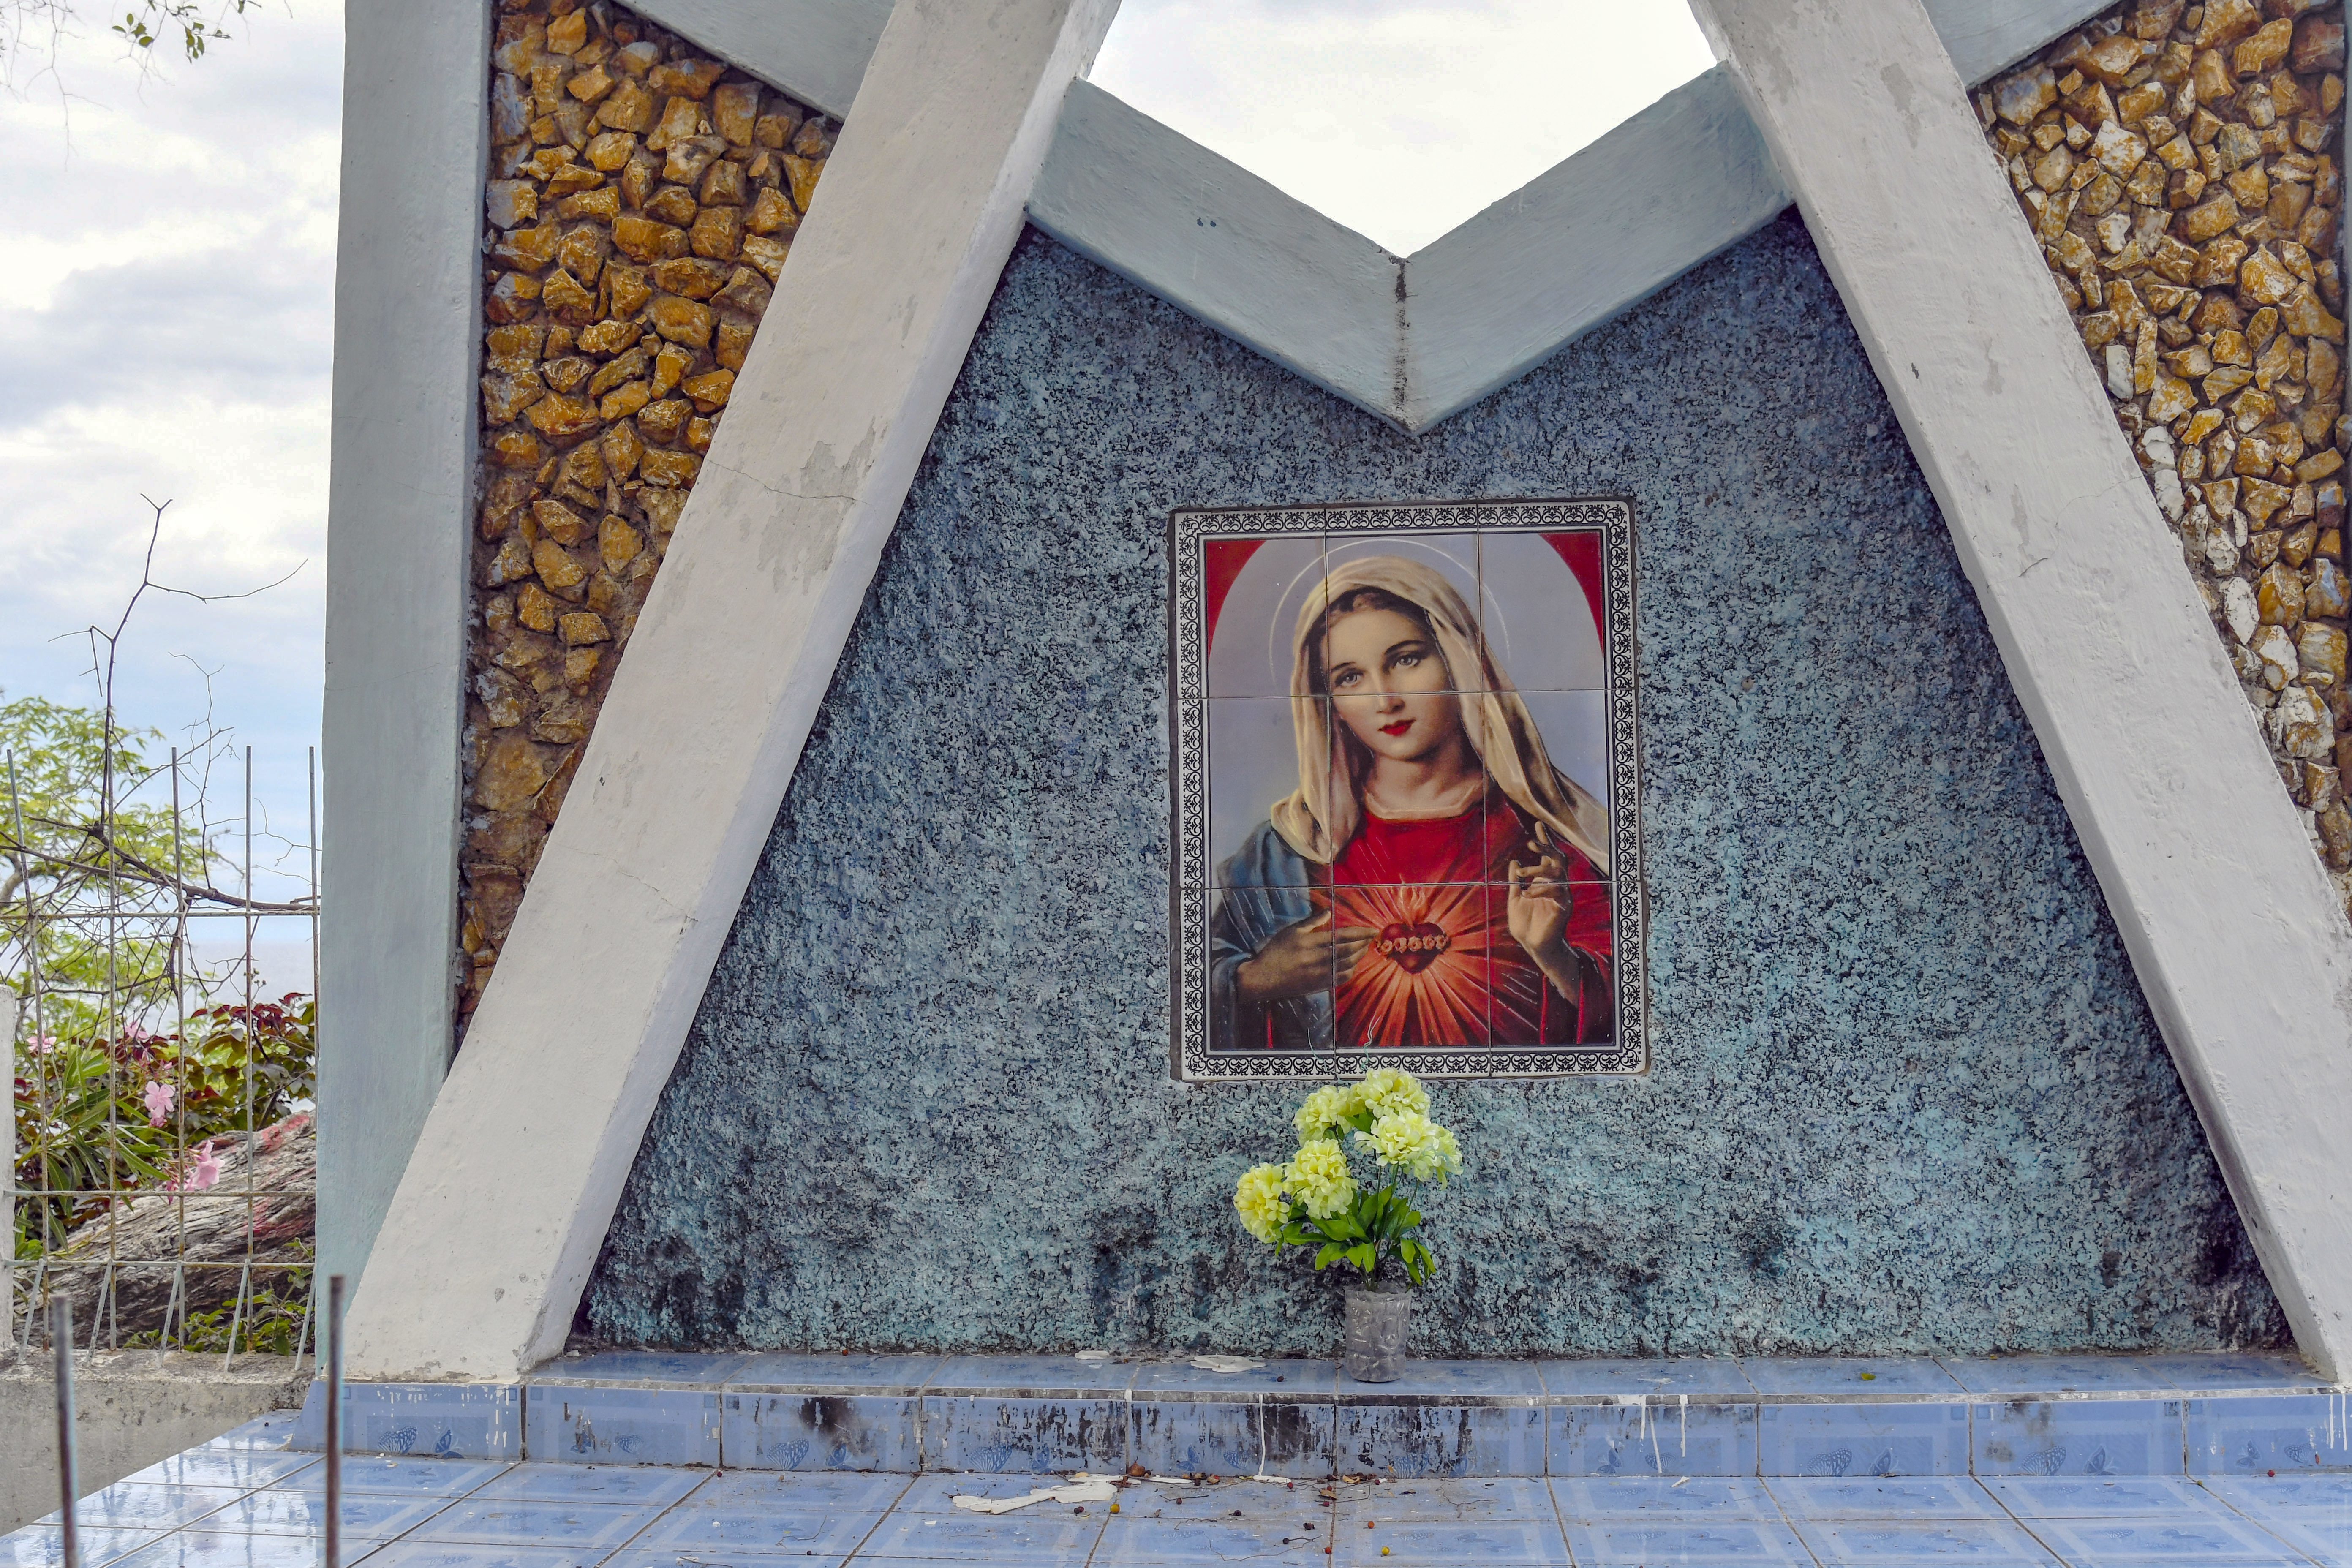 A német katolikusok támogatnák, hogy a meleg párok templomi áldást kapjanak